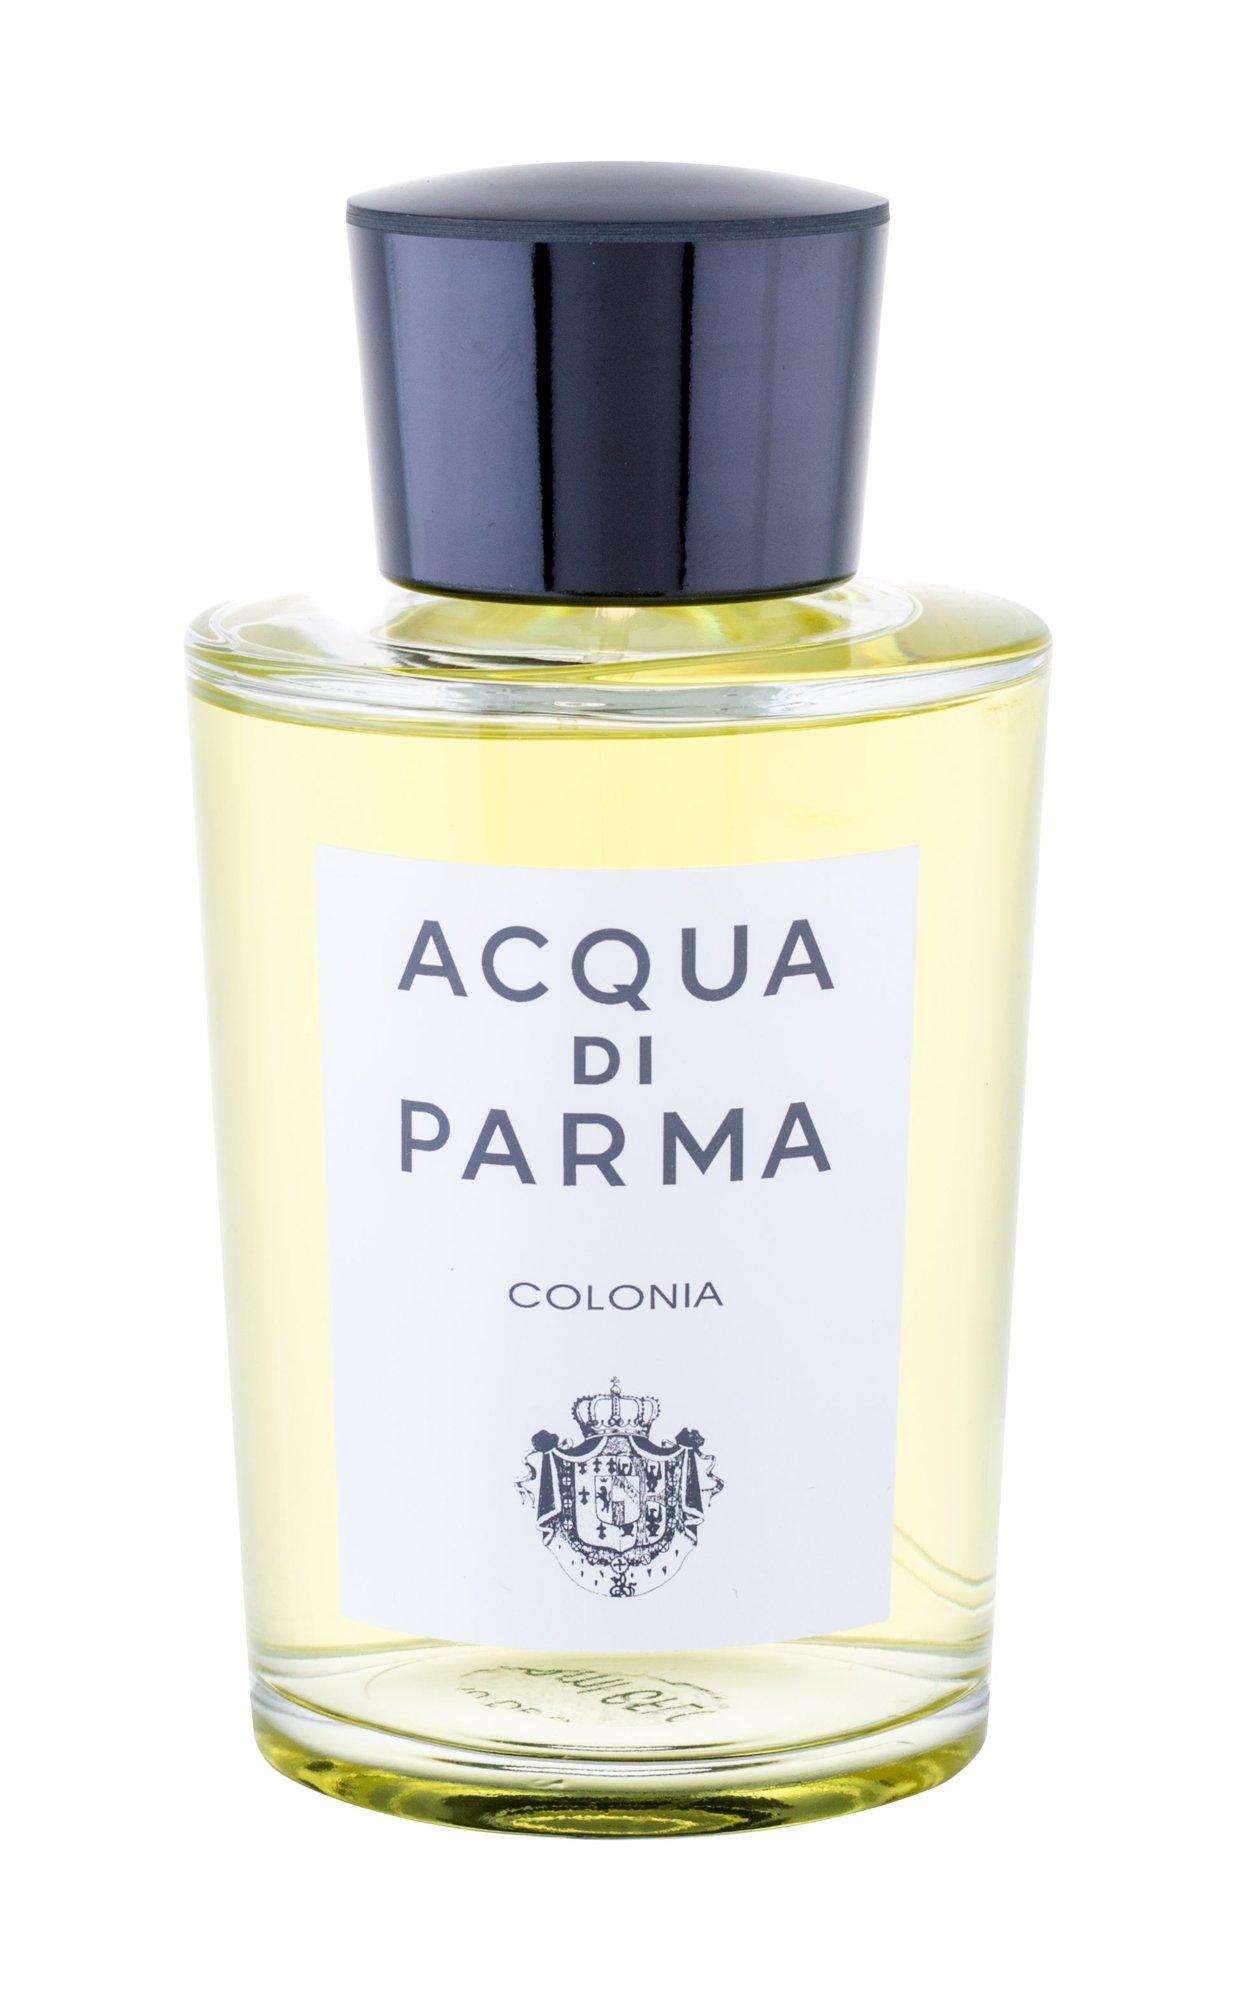 Acqua di Parma Colonia Cologne 180ml